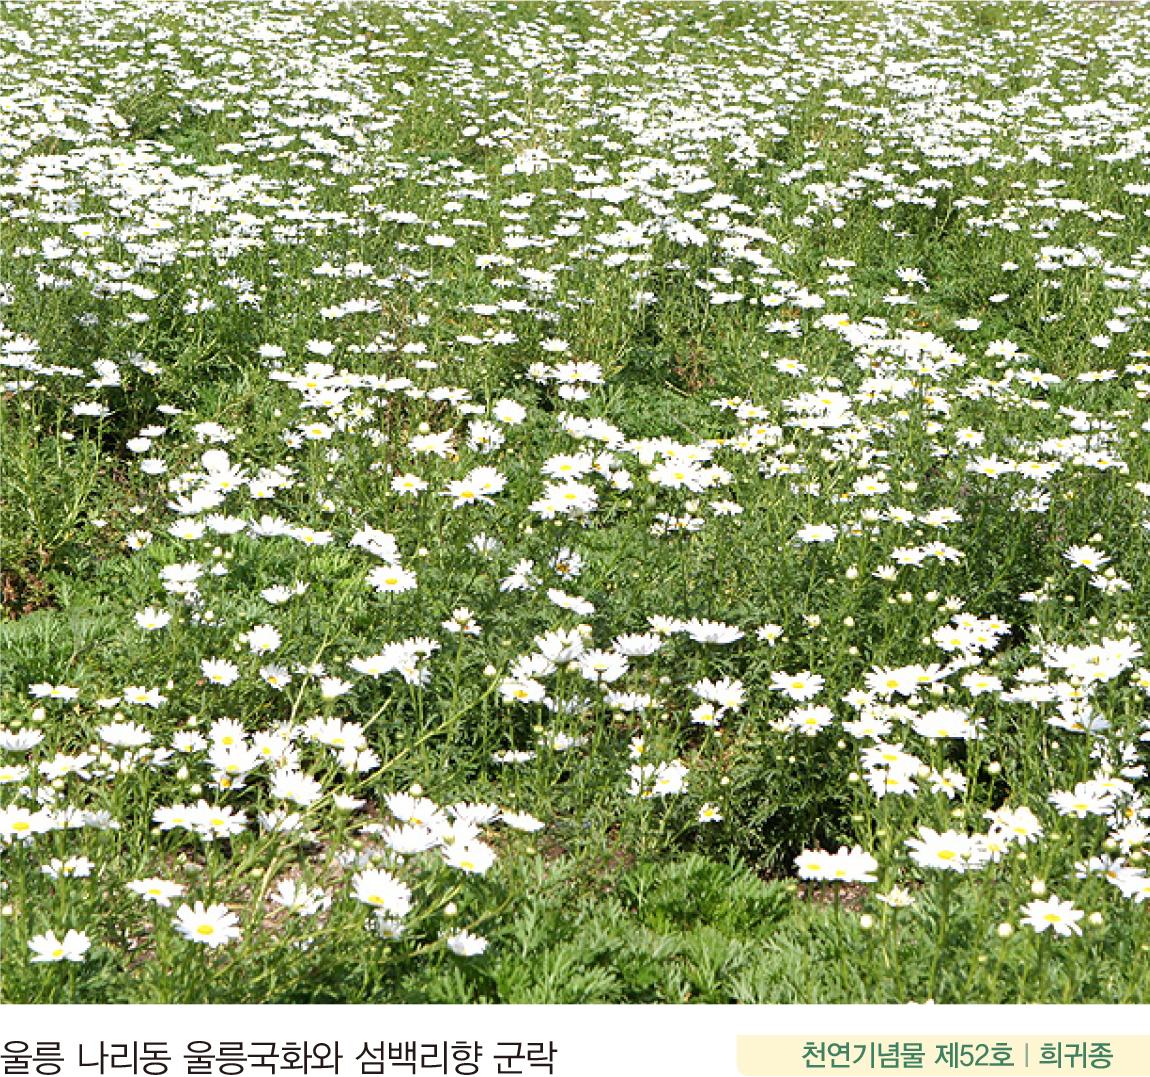 울릉 나리동 울릉국화와 섬백리향 군락